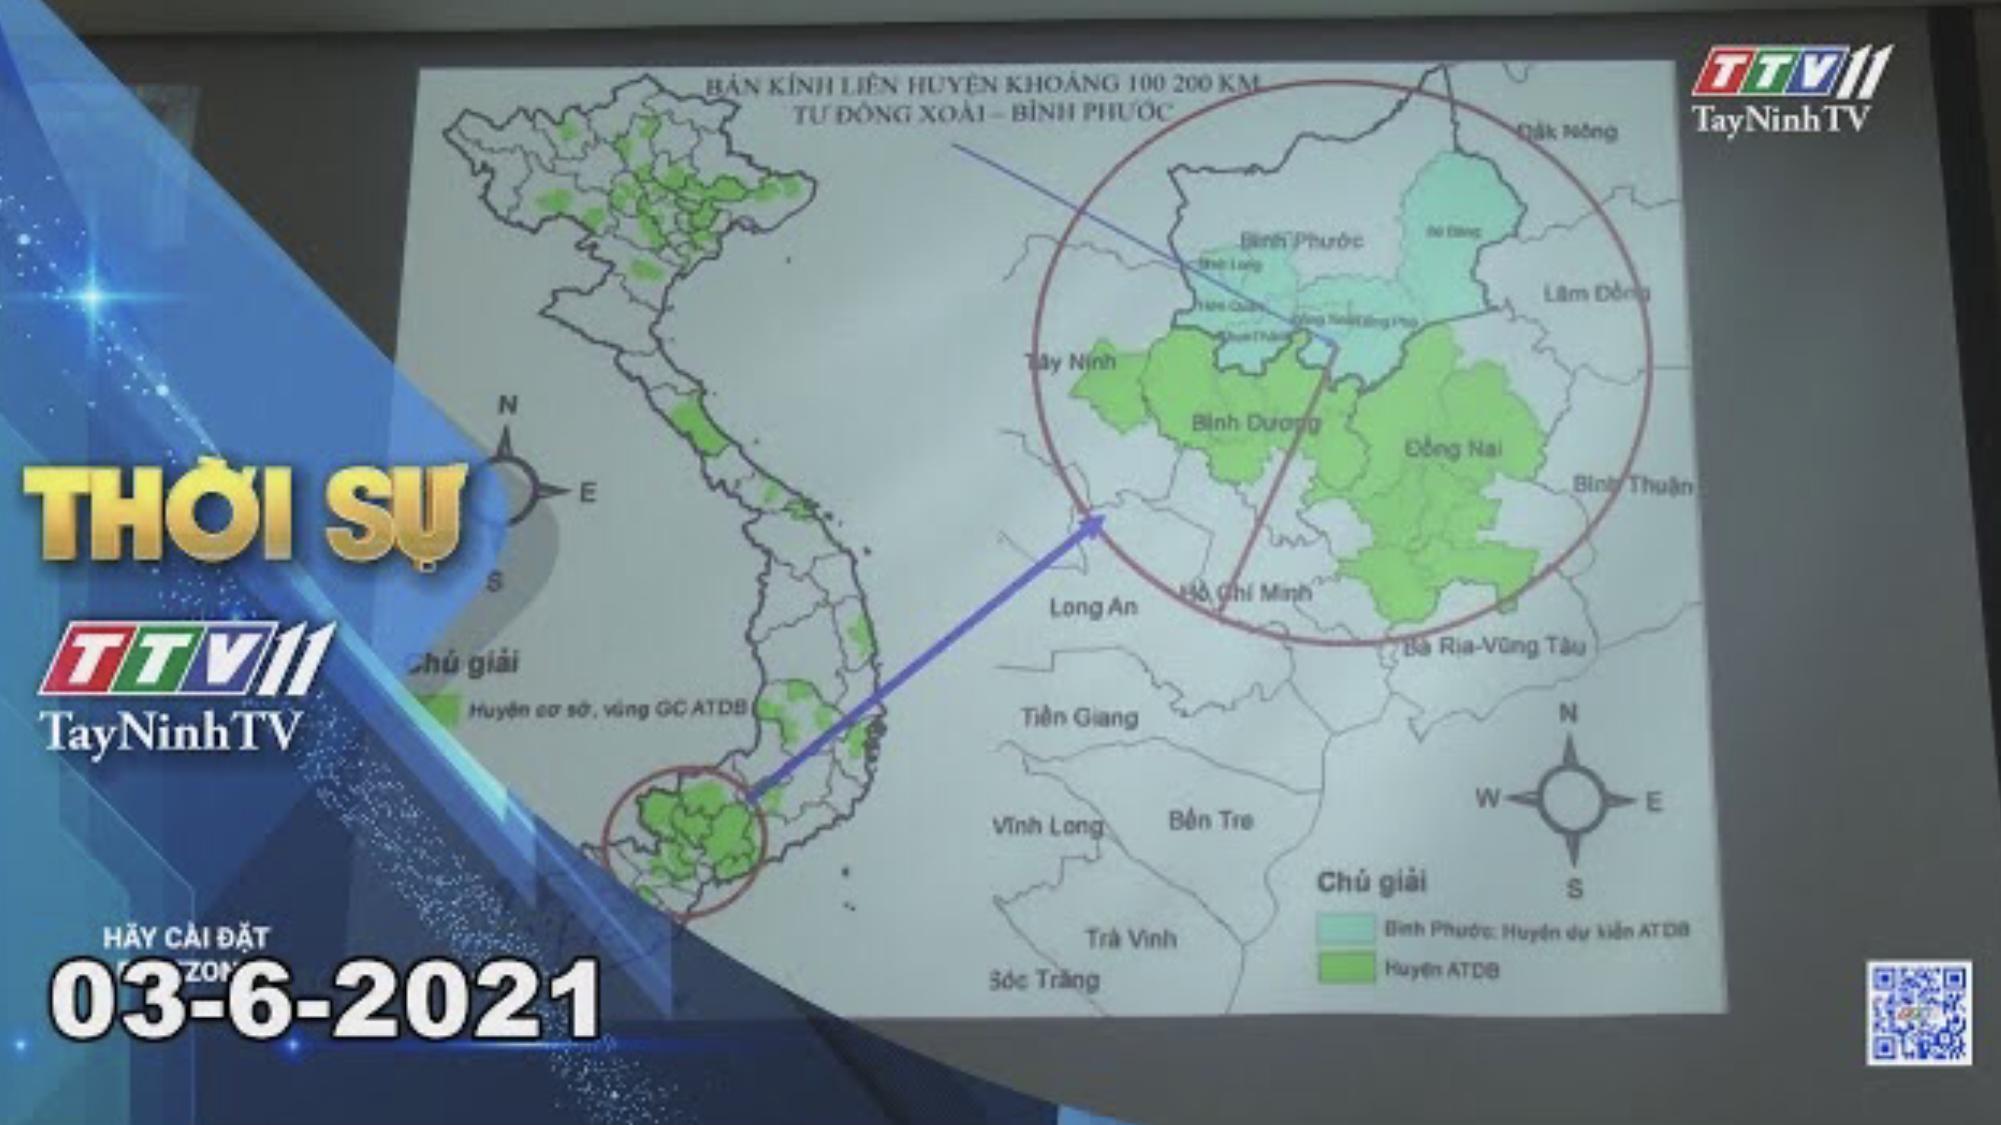 Thời sự Tây Ninh 03-6-2021 | Tin tức hôm nay | TayNinhTV